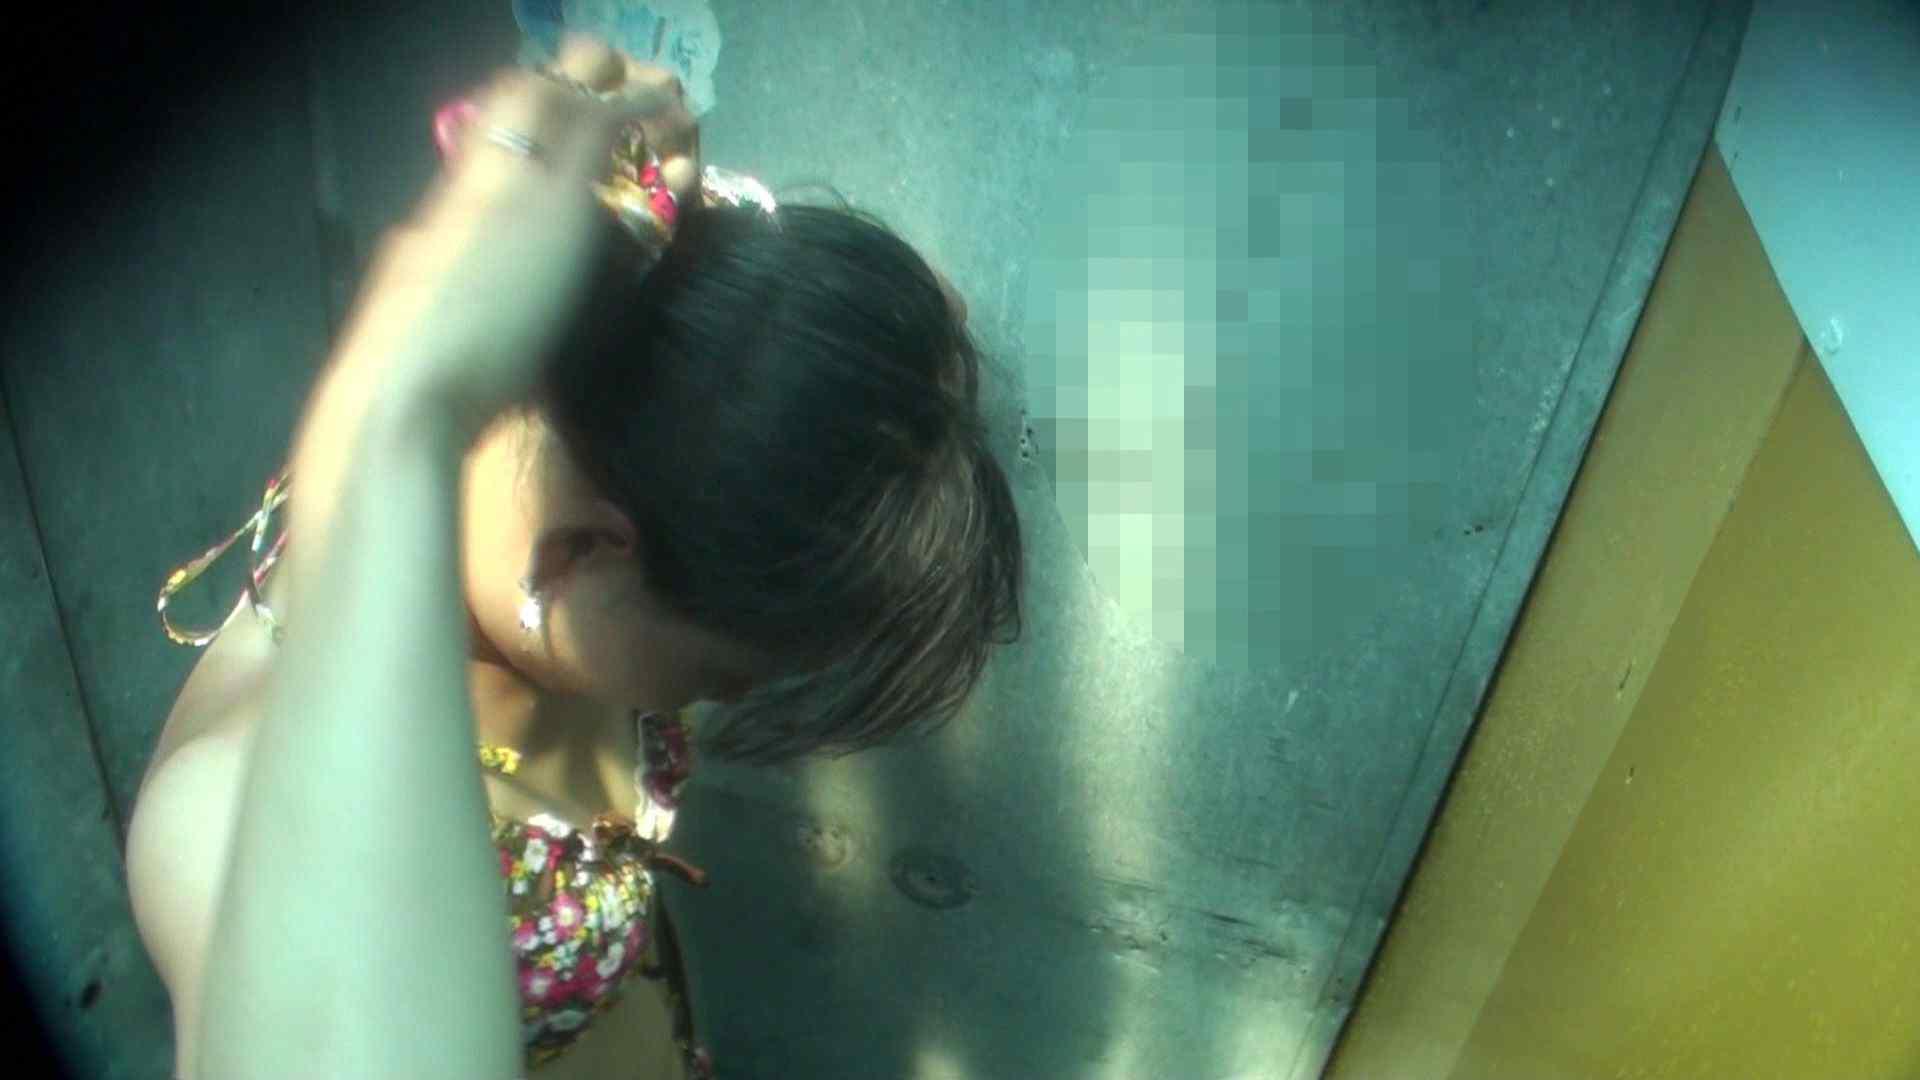 シャワールームは超!!危険な香りVol.16 意外に乳首は年増のそれ 高画質モード セックス画像 105画像 74